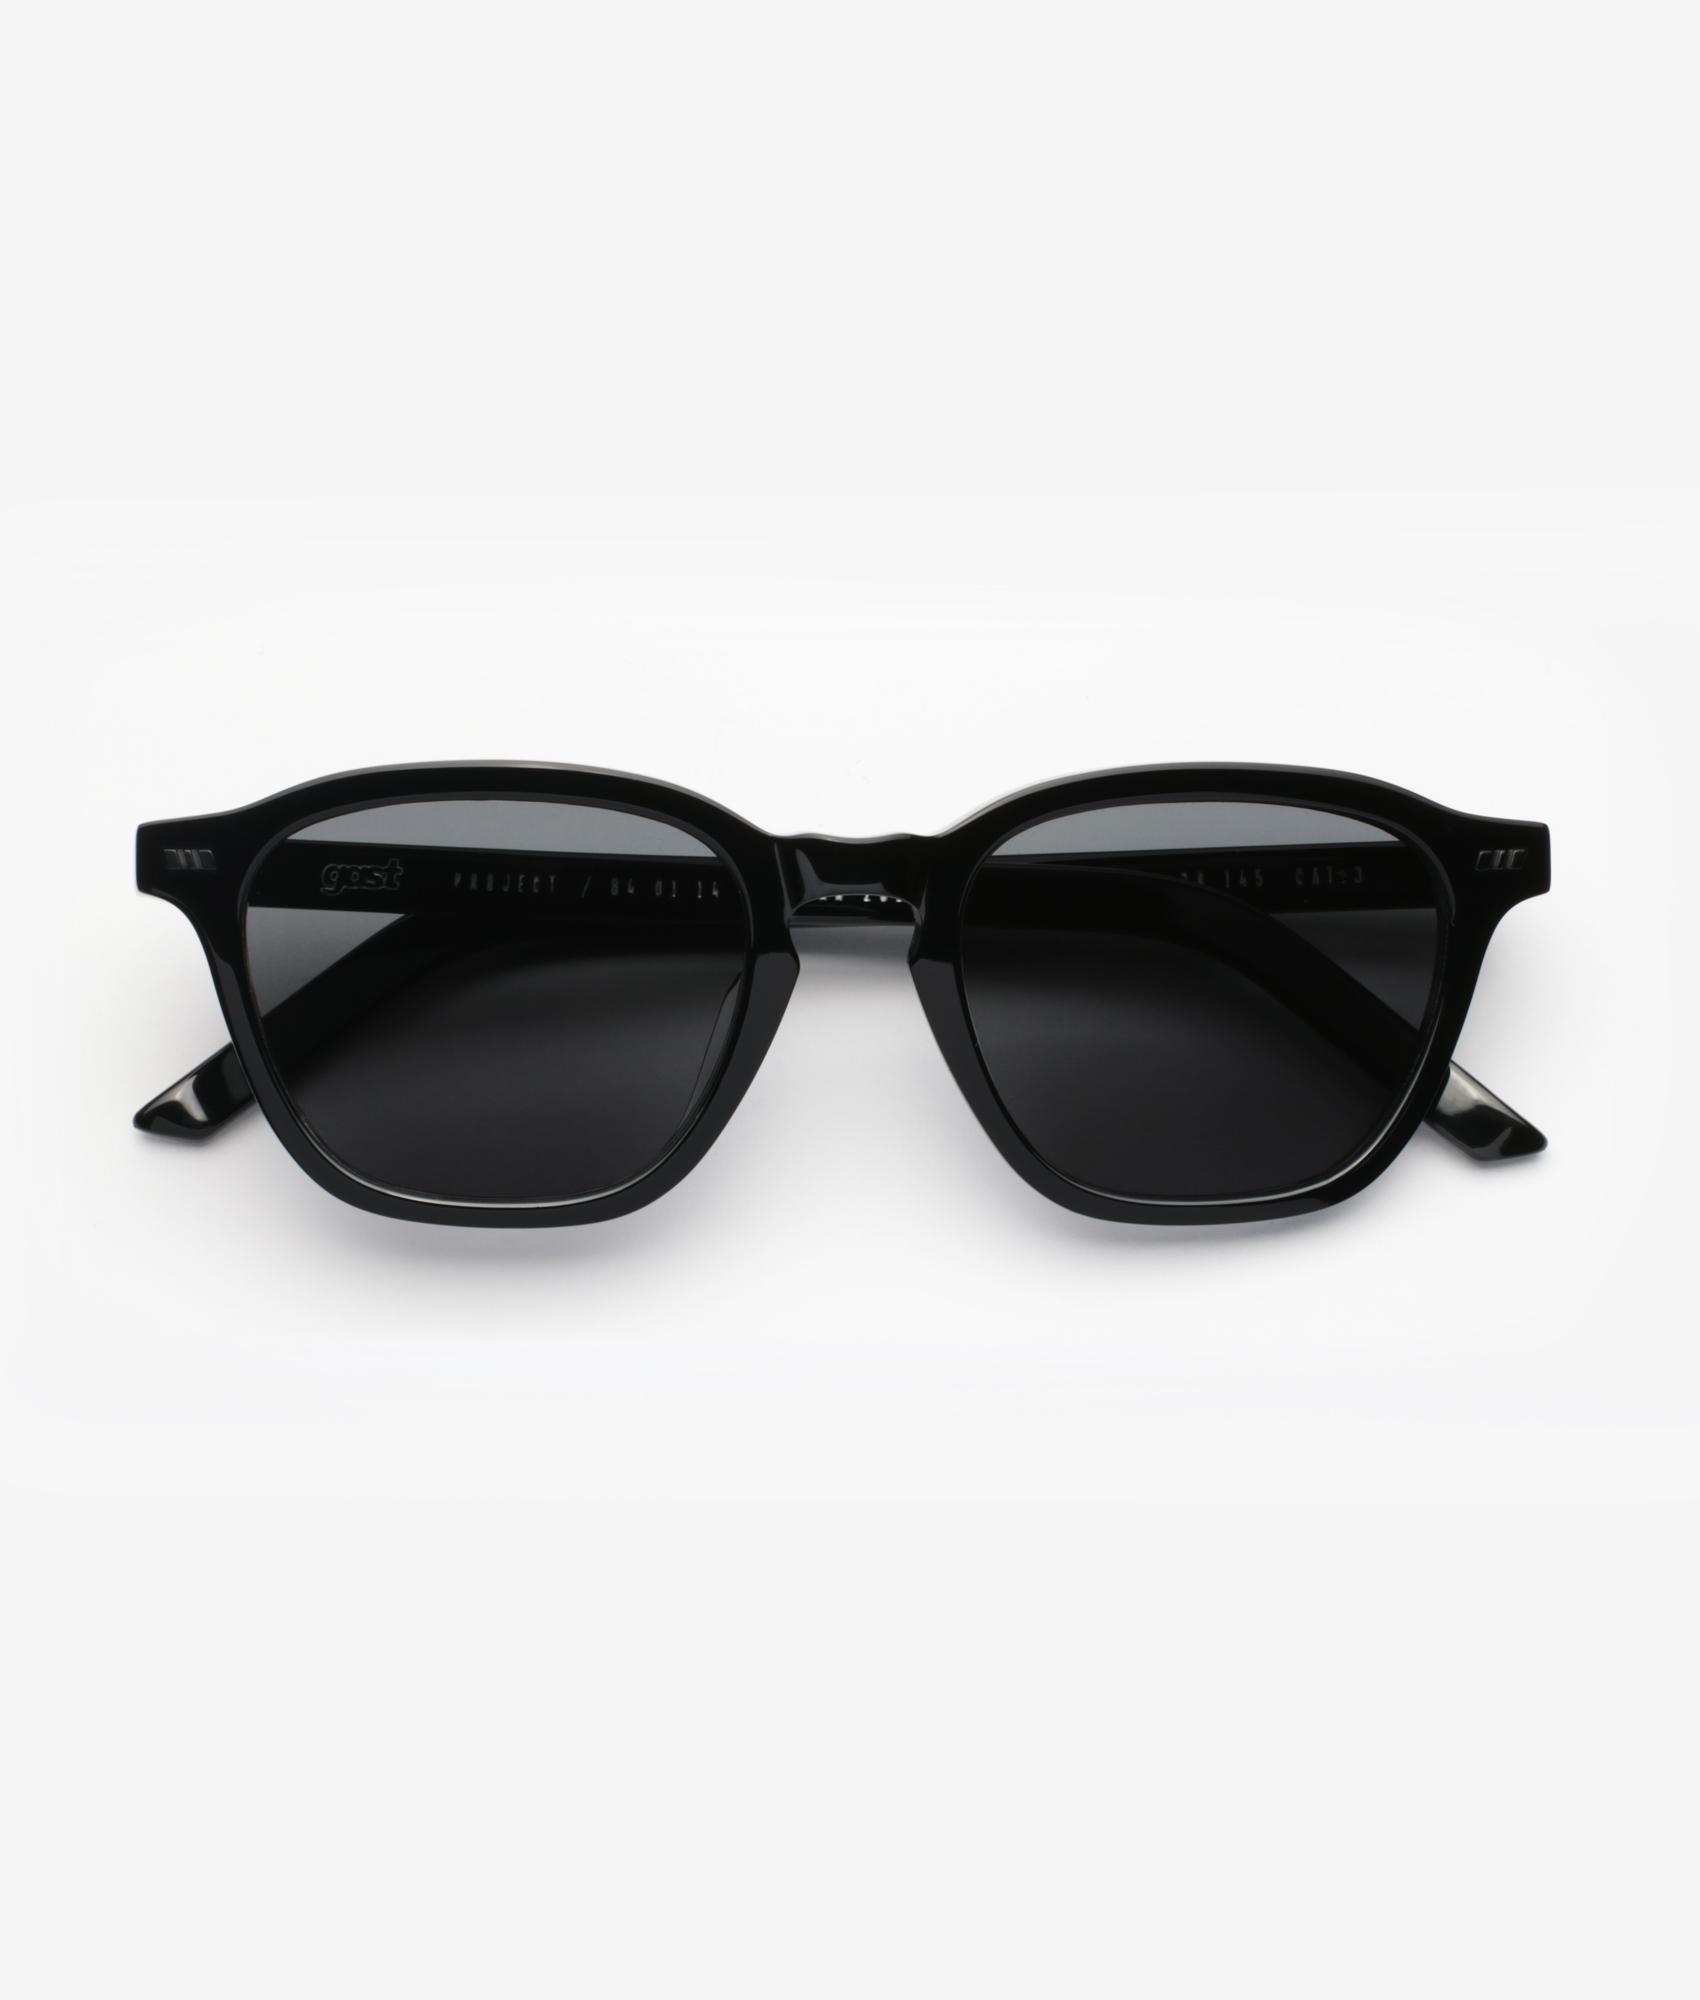 Galit Black Gast Sunglasses